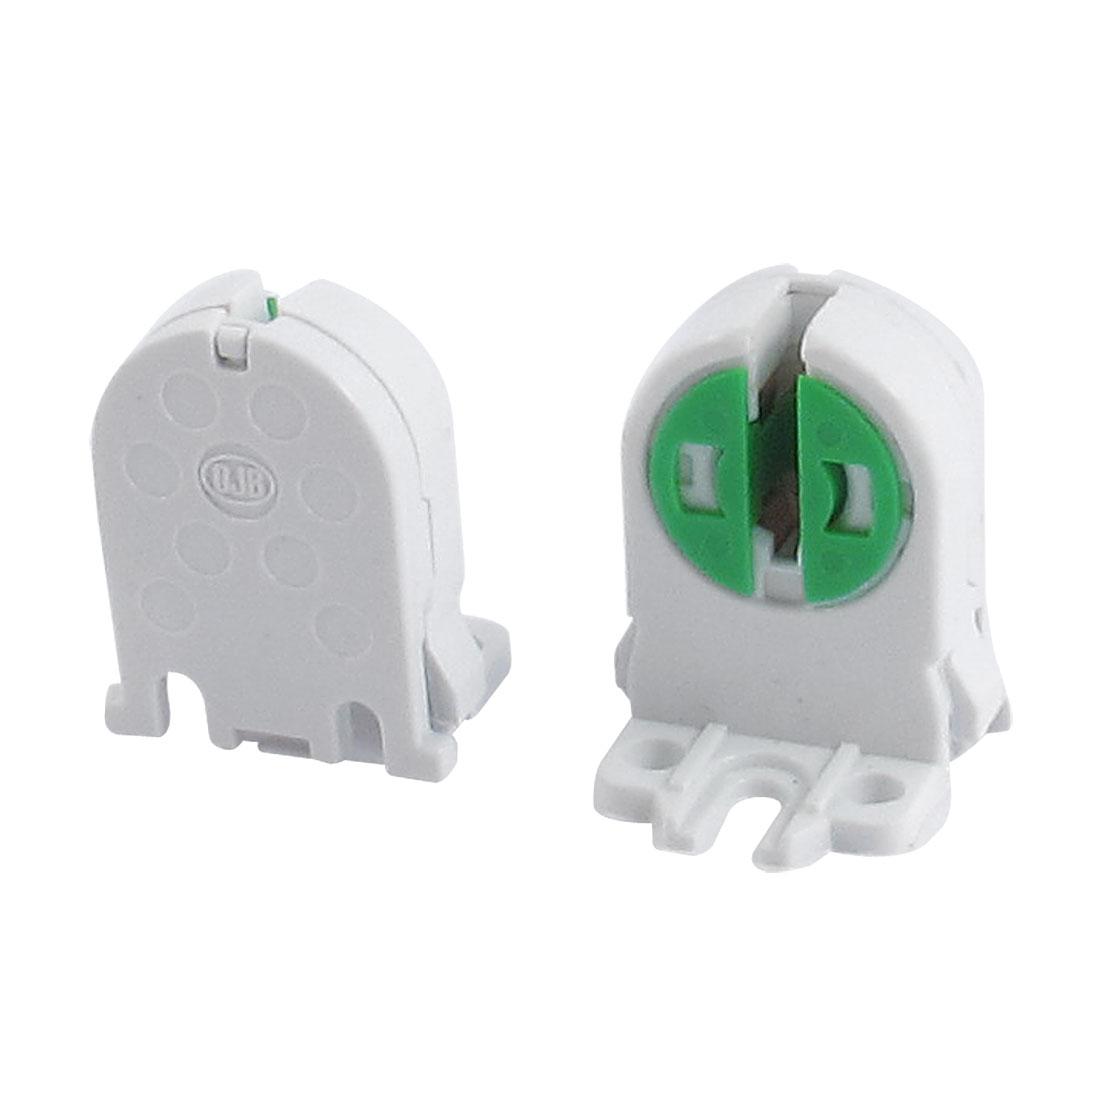 2 Pcs Fluorescent Lamp Holder Sockets for T5 Tube Light